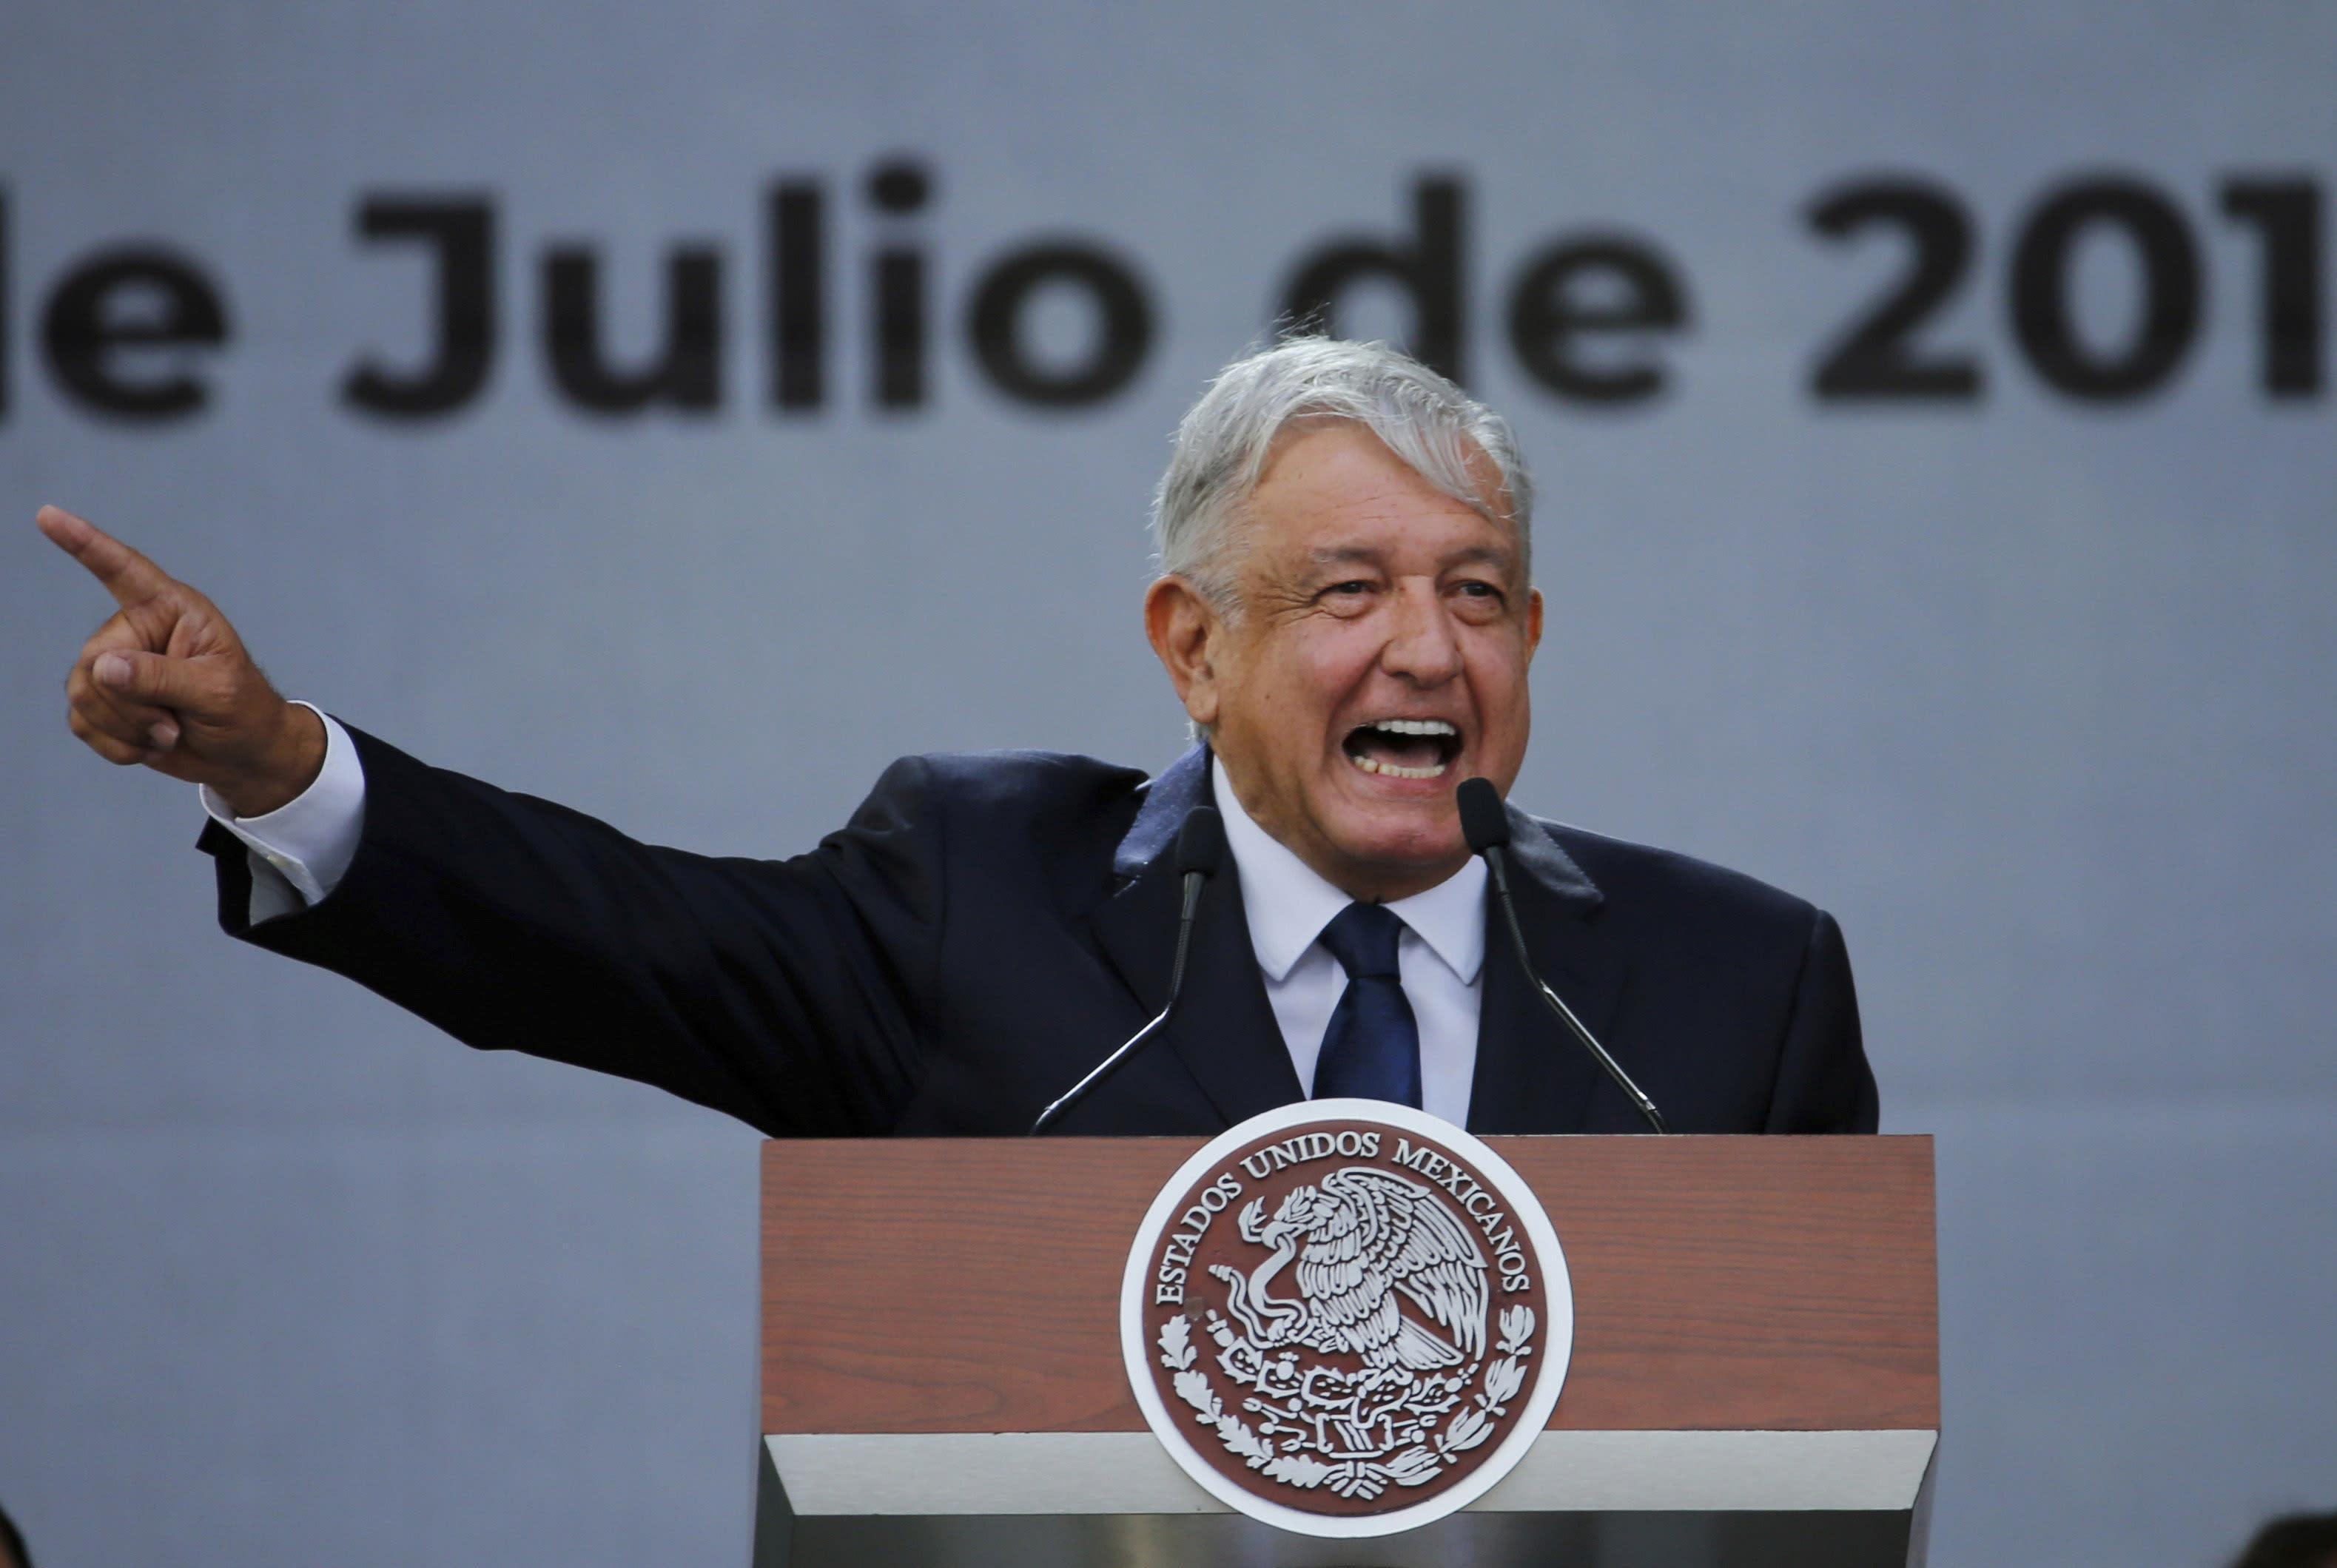 Vigilantes, mob justice grow as violence mounts in Mexico